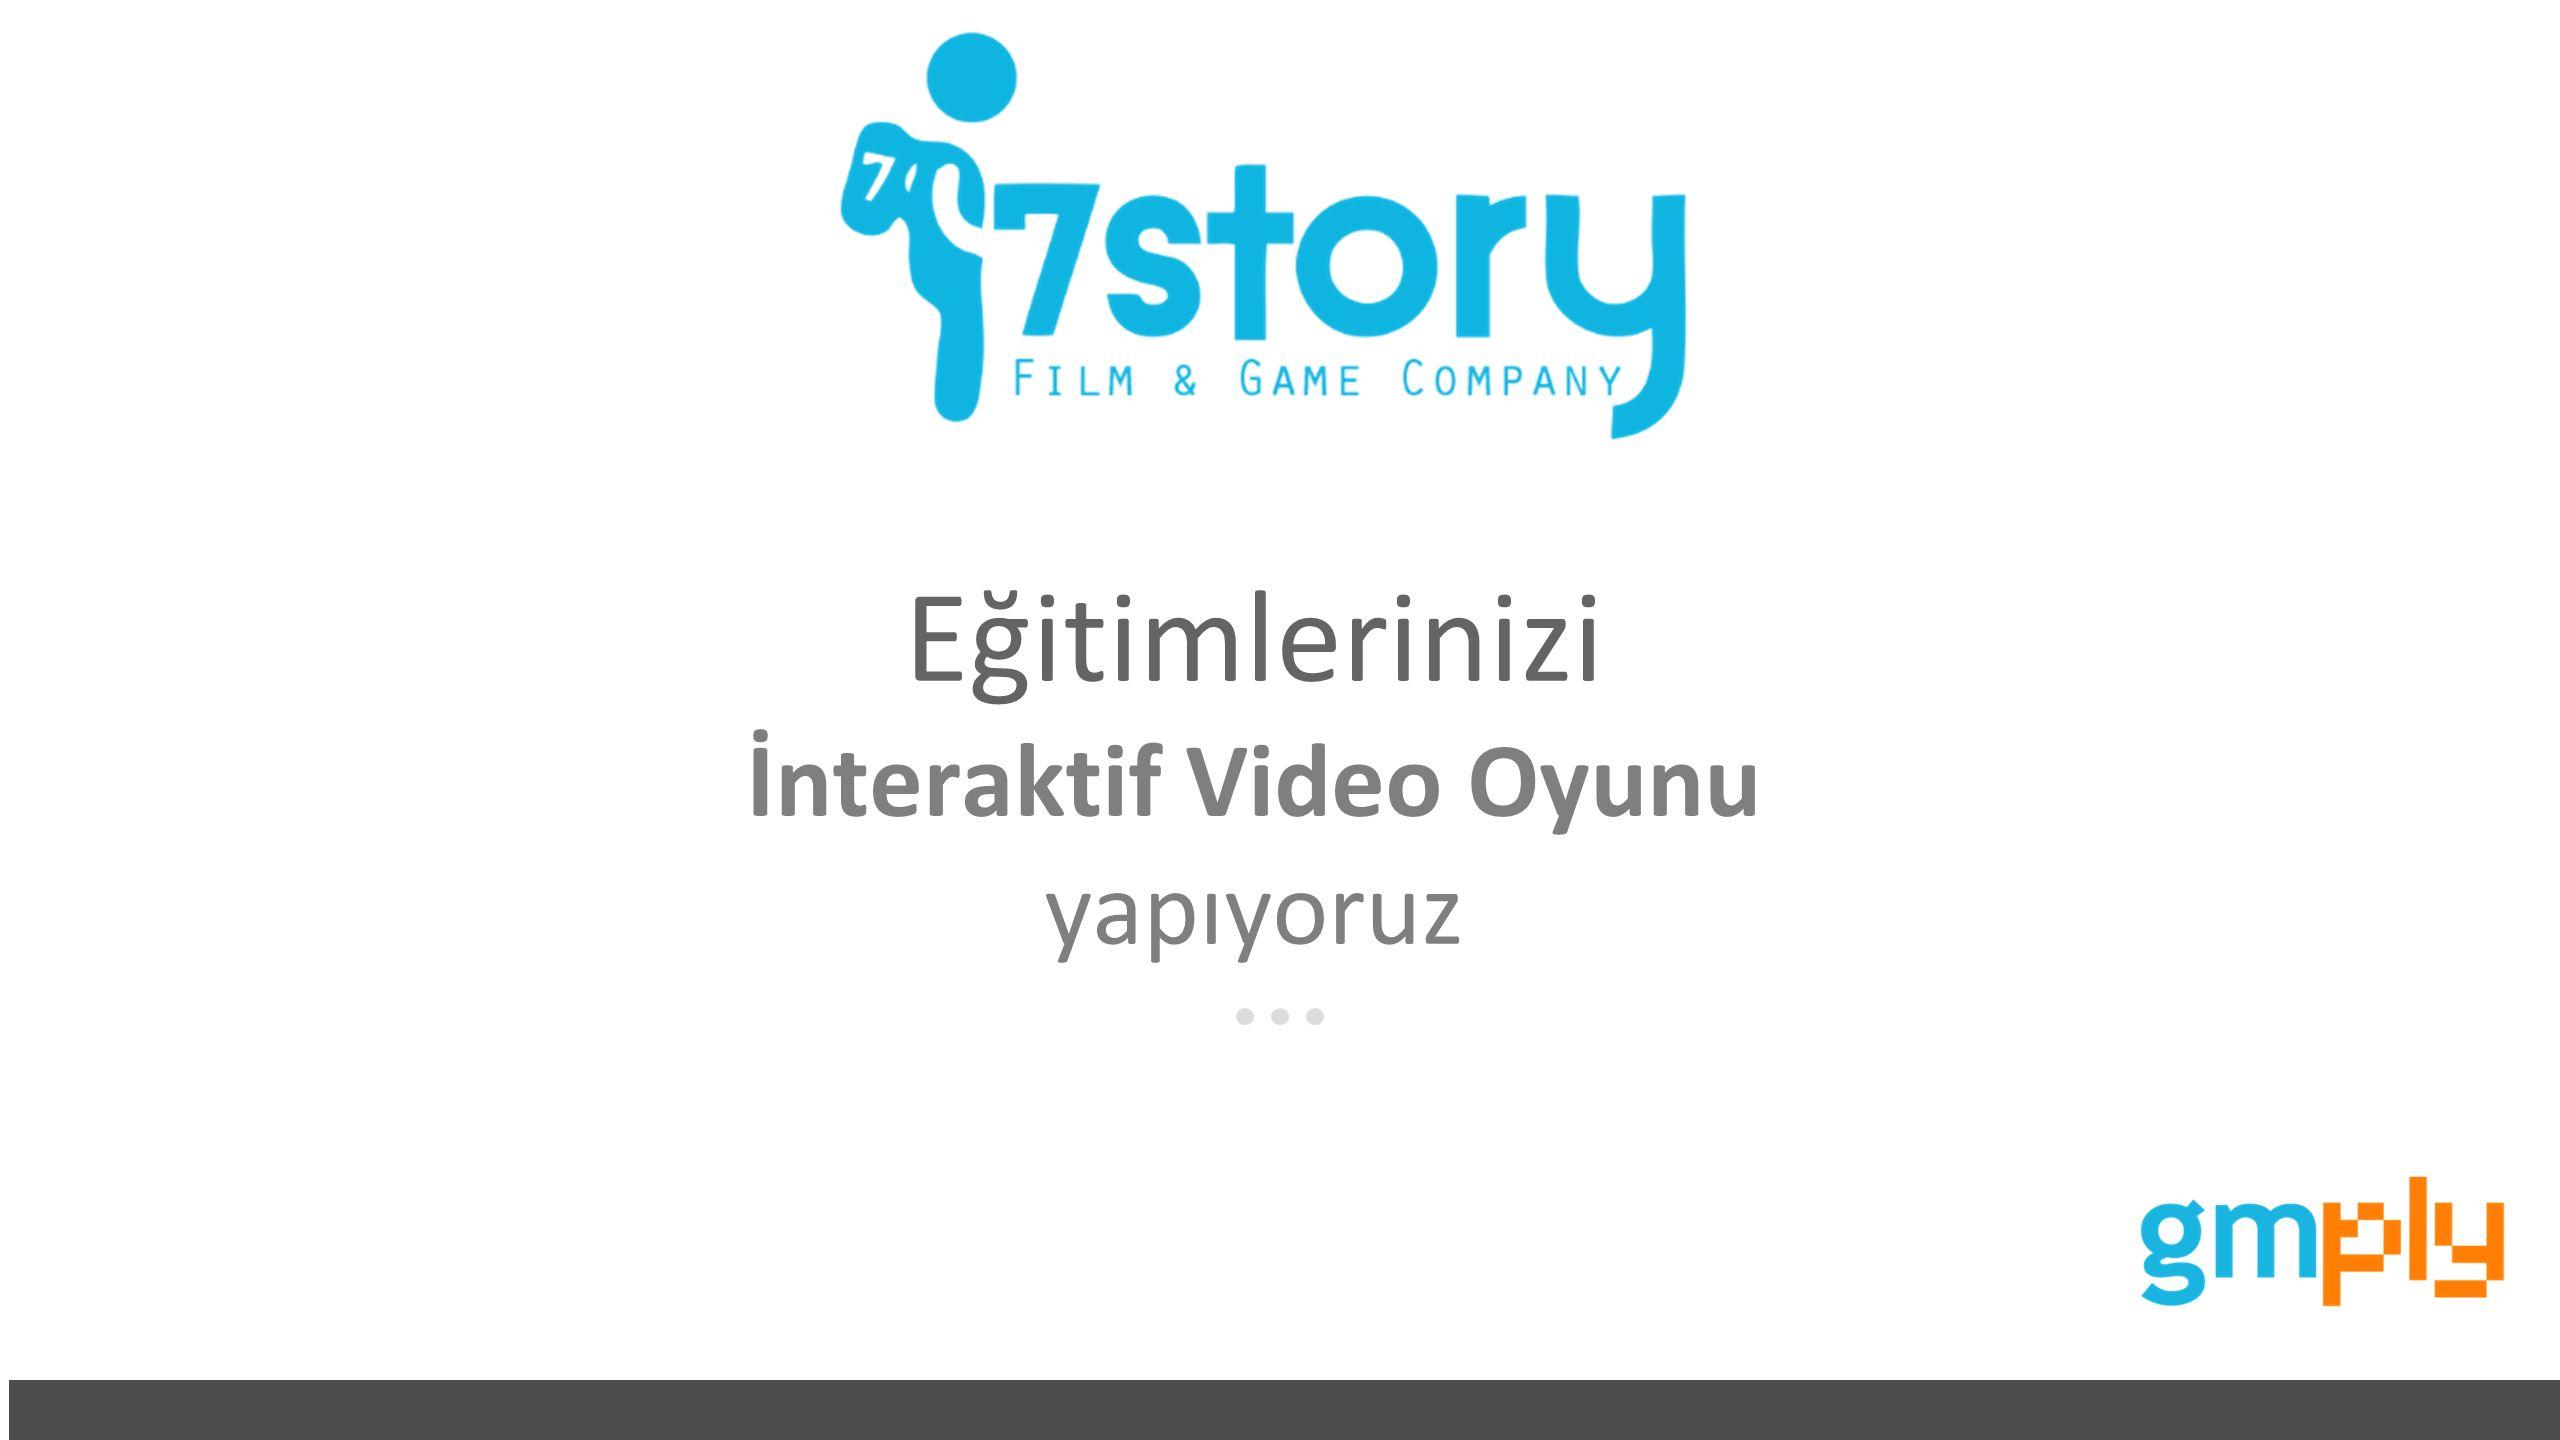 Advert keynote presentation - 2015 Klasik Oyunlaştırmaya yeni bir soluk : Gamification+ İsviçre'de 7Story tarafından geliştirilmiş olan GmPLY oyunlaştırma / video temelli bir interaktif eğitim simülasyonu platformudur.